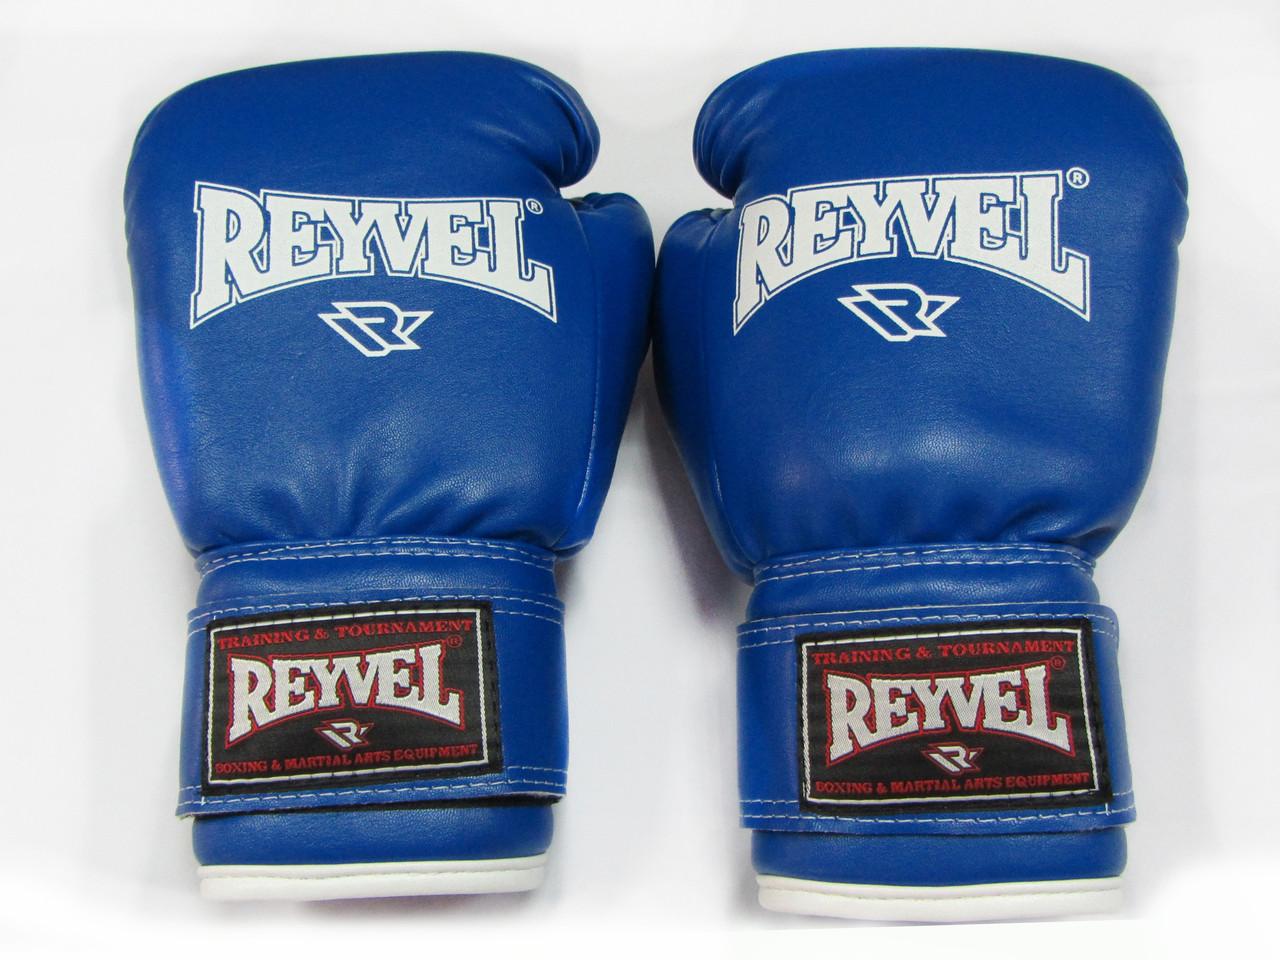 Боксерские перчатки REYVEL винил cиние 12oz